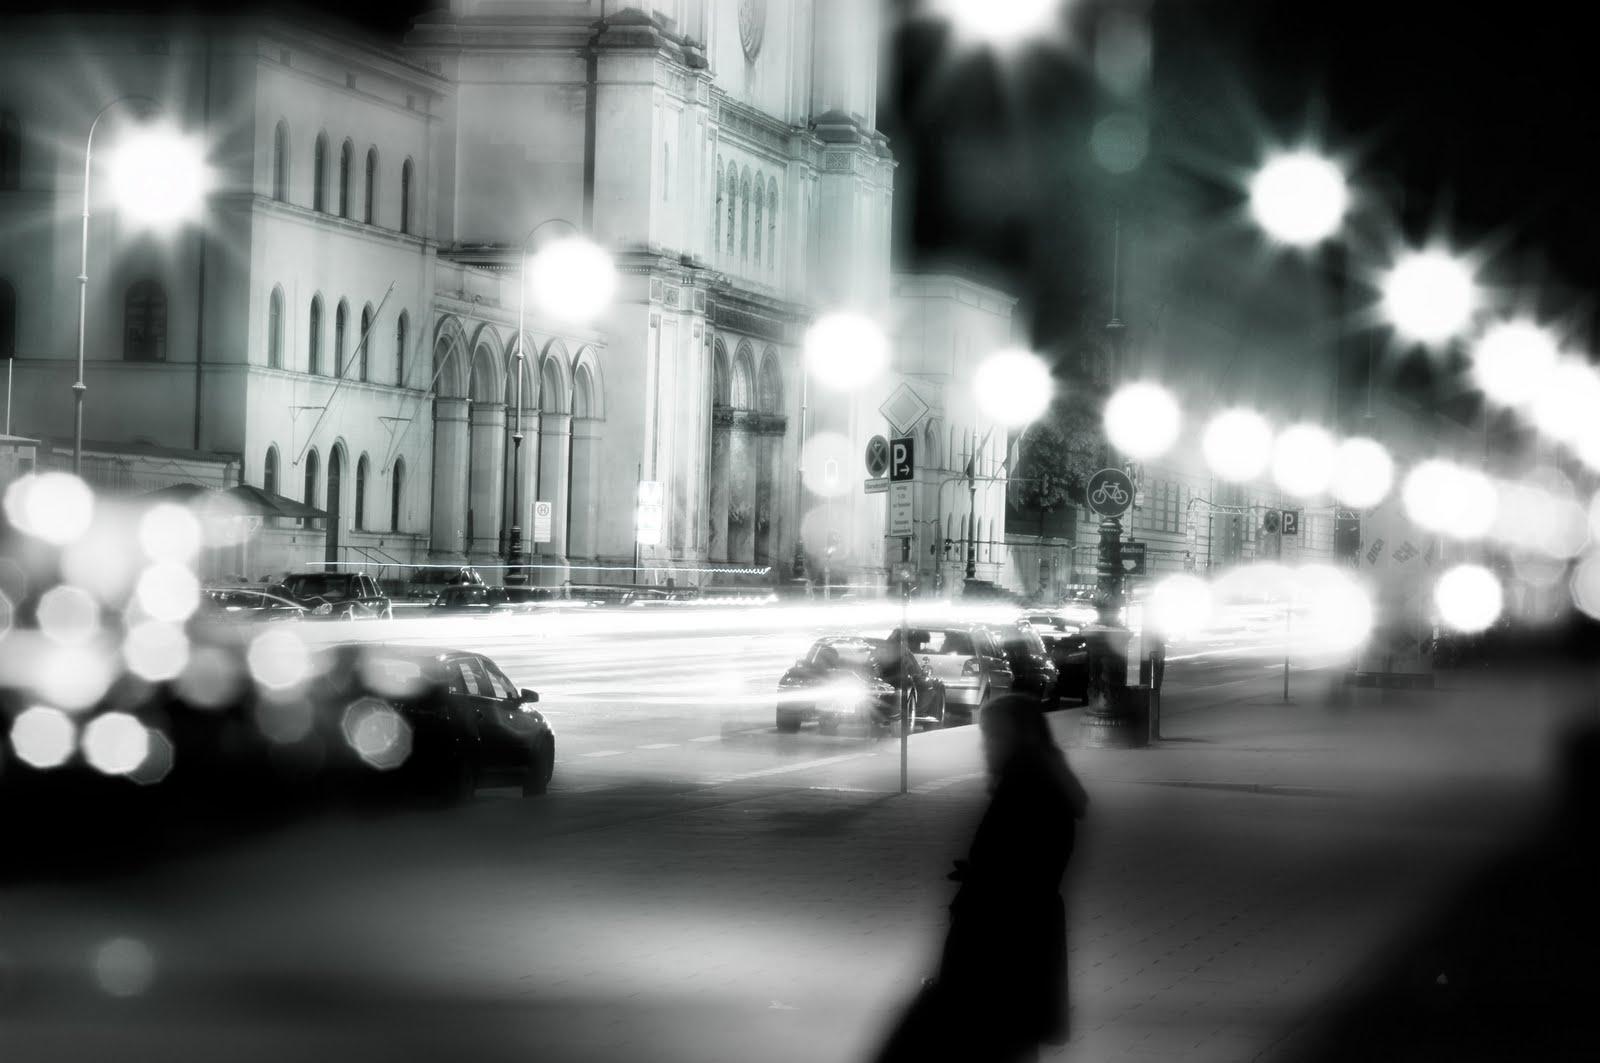 http://4.bp.blogspot.com/_yMx0hi88JMQ/TIQrjJFZKtI/AAAAAAAAAHA/xSL2WI4S45A/s1600/Blurred+Vision.jpg